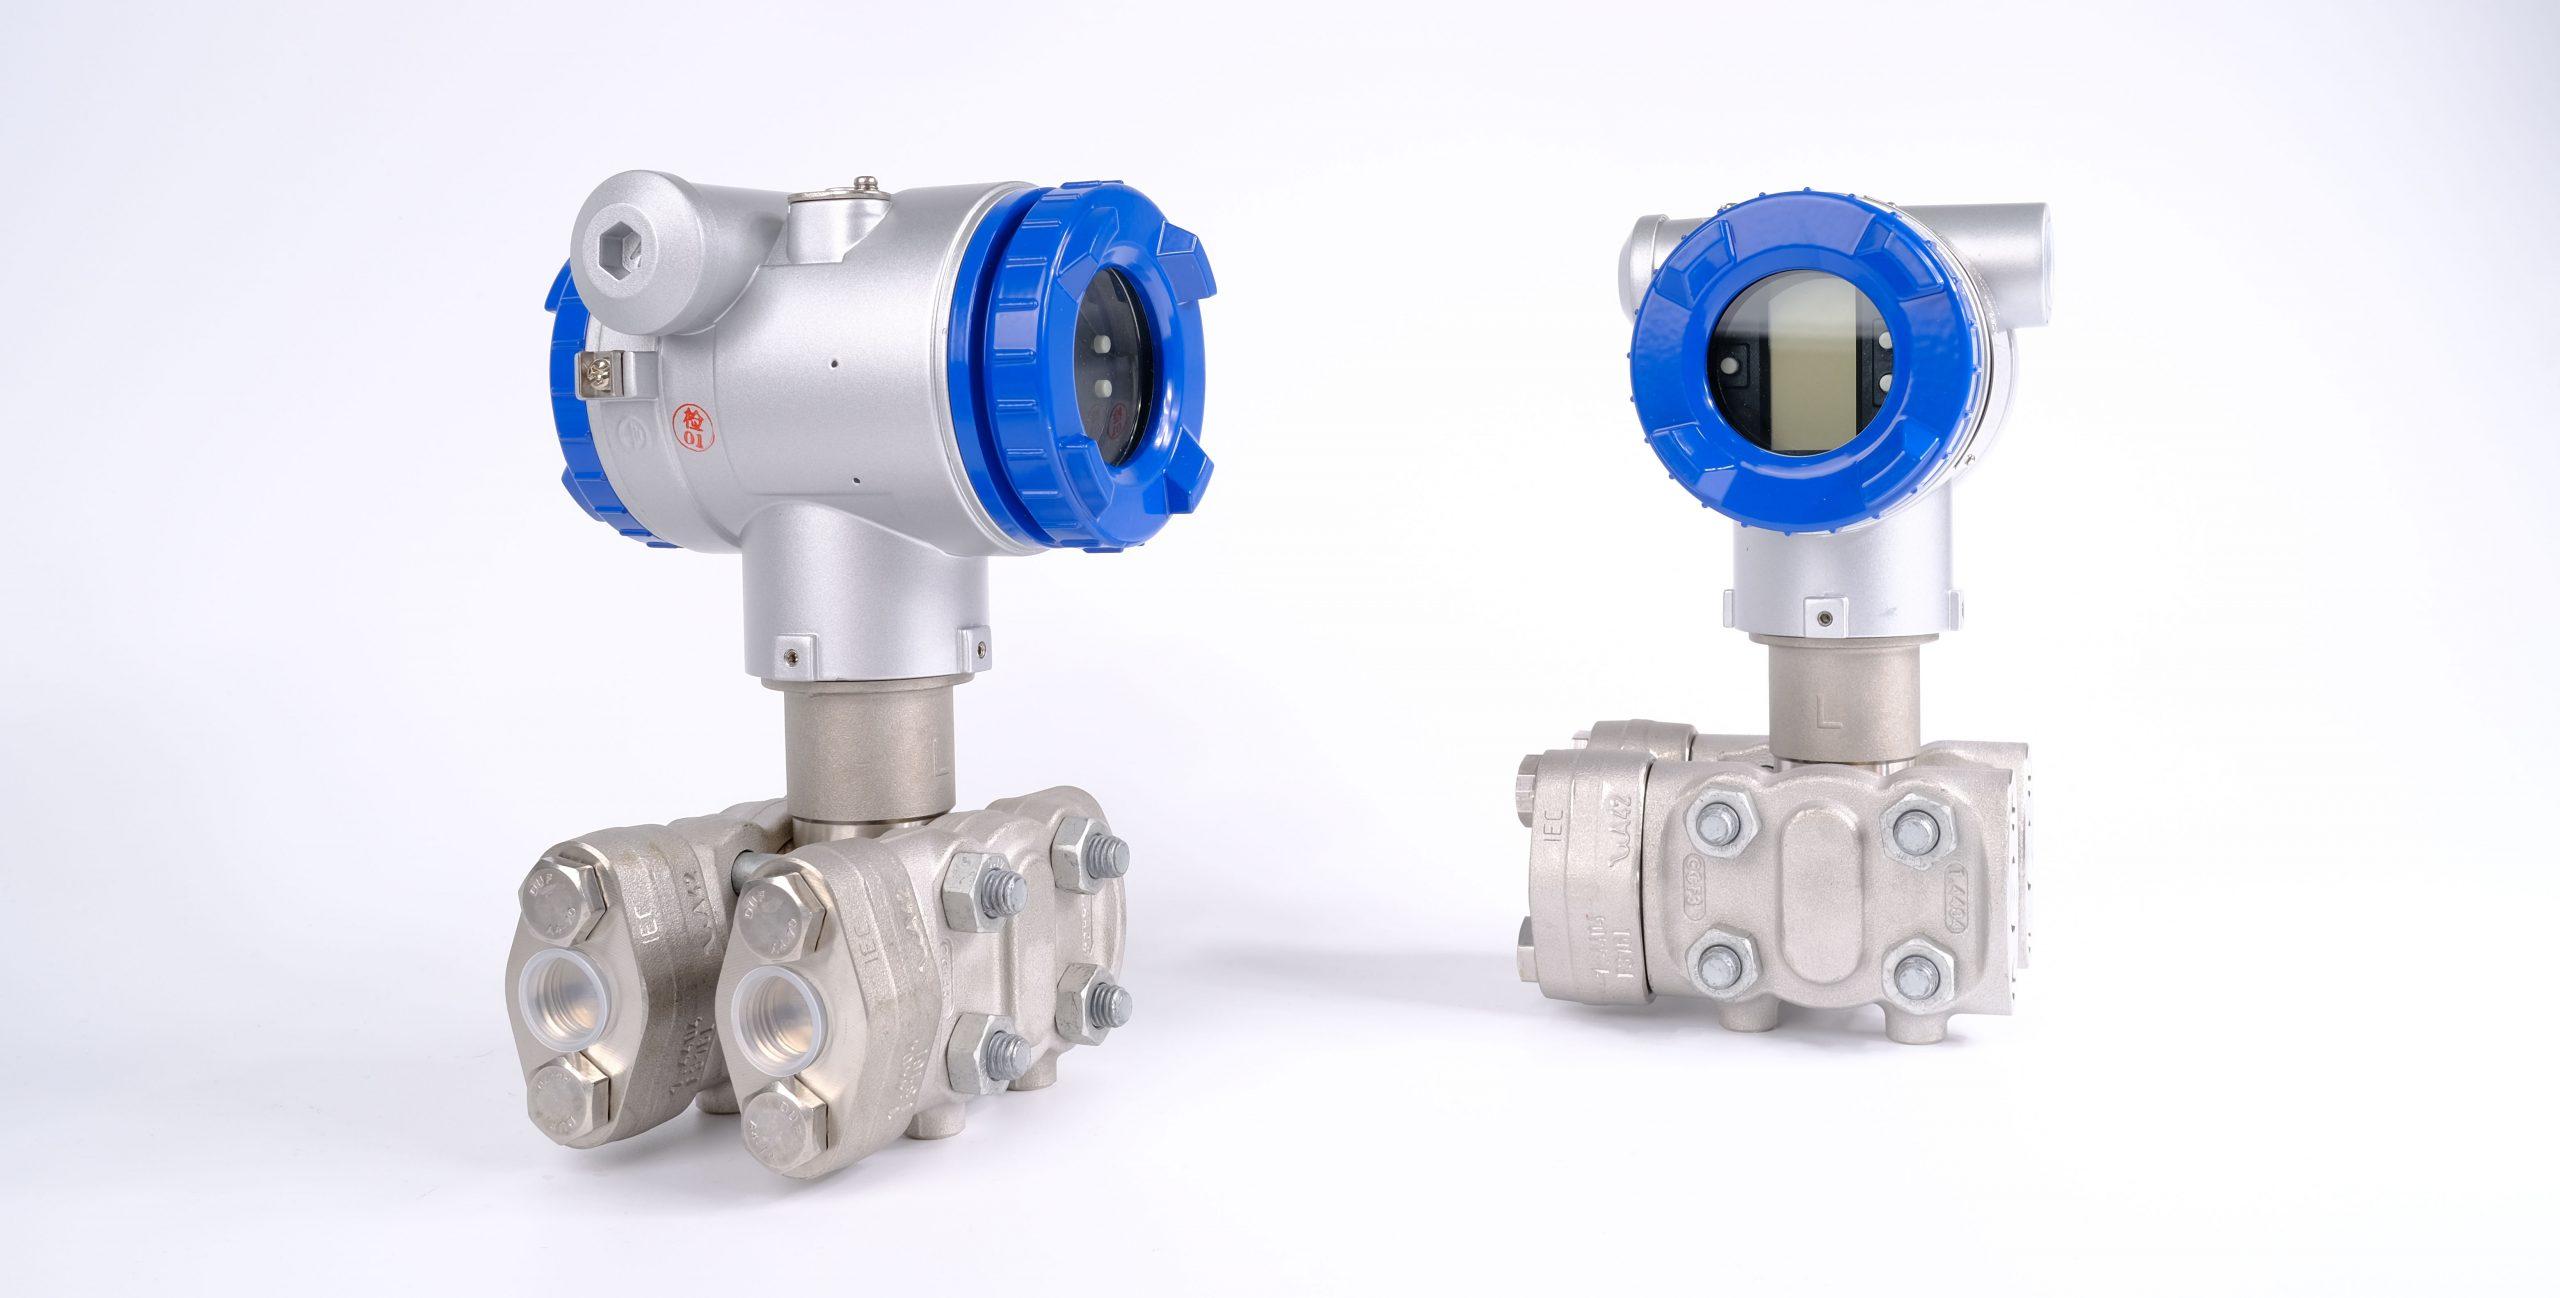 Cảm biến áp suất phòng nổ ATEX dùng cho khí Gas